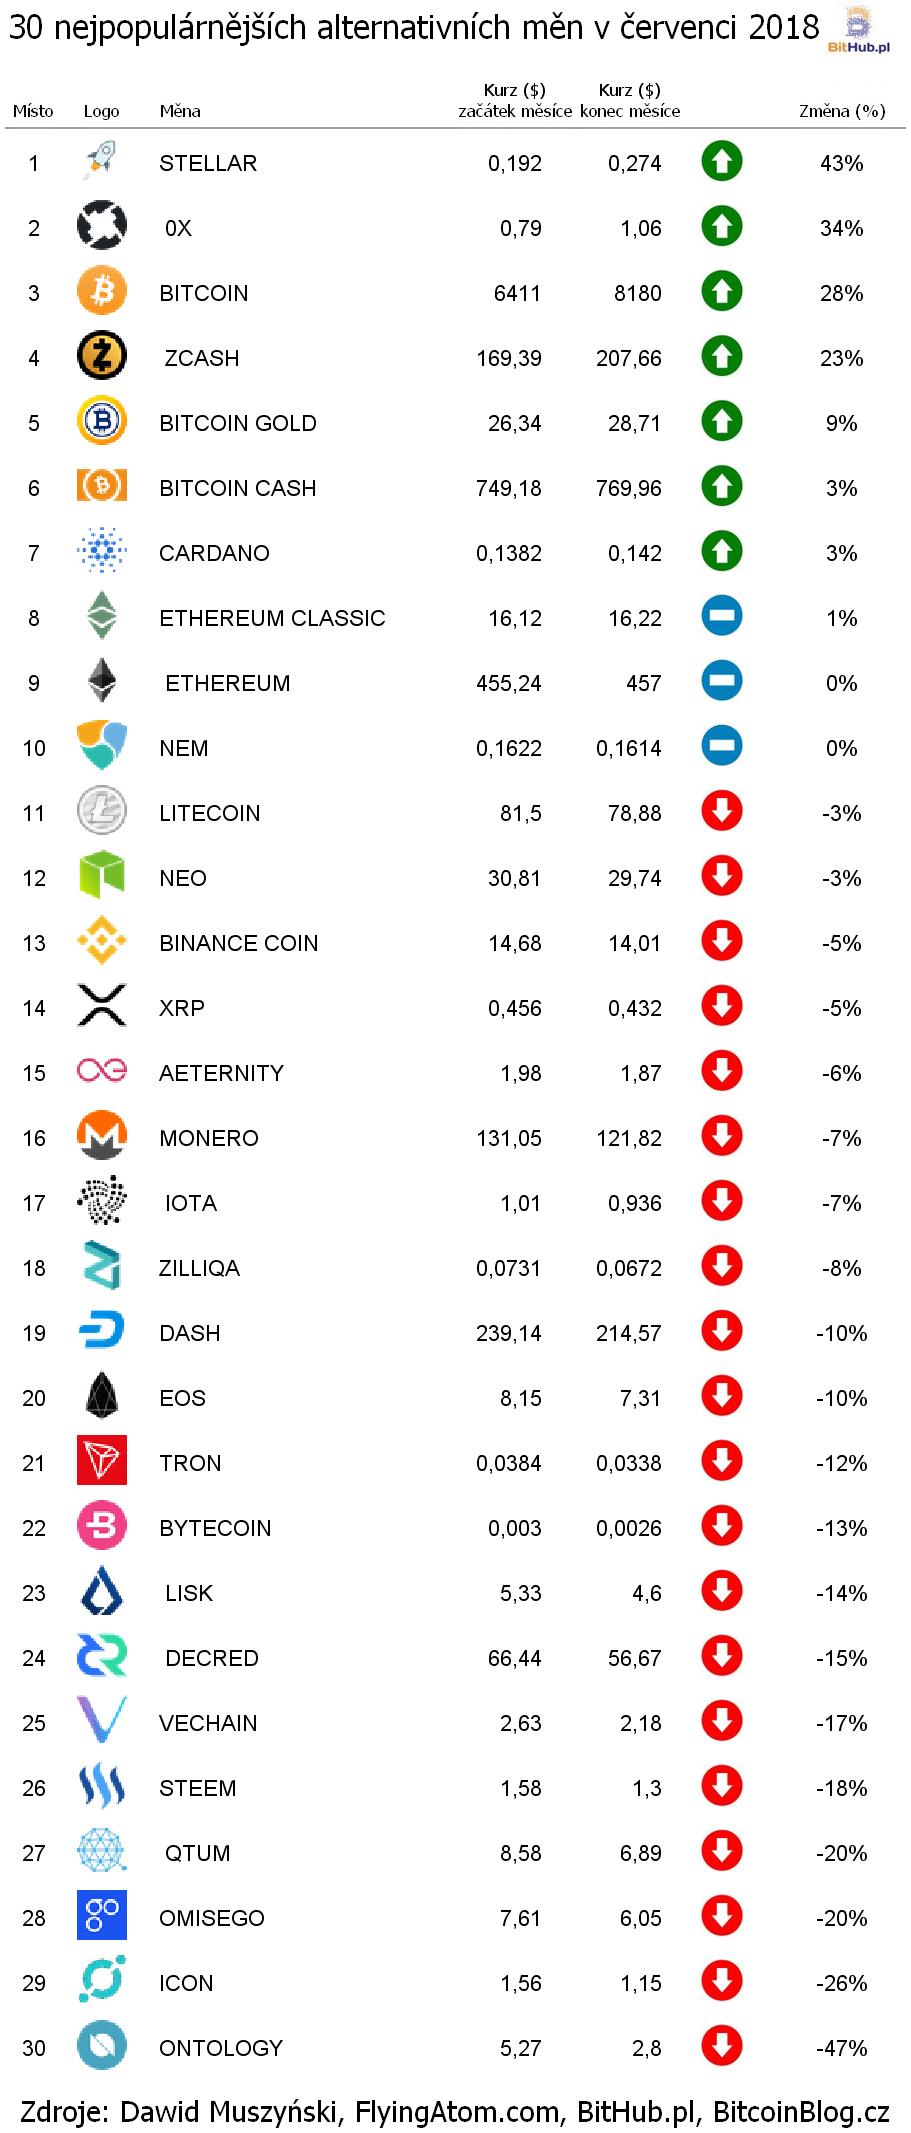 30 nejpopulárnějších alternativních měn v červenci 2018